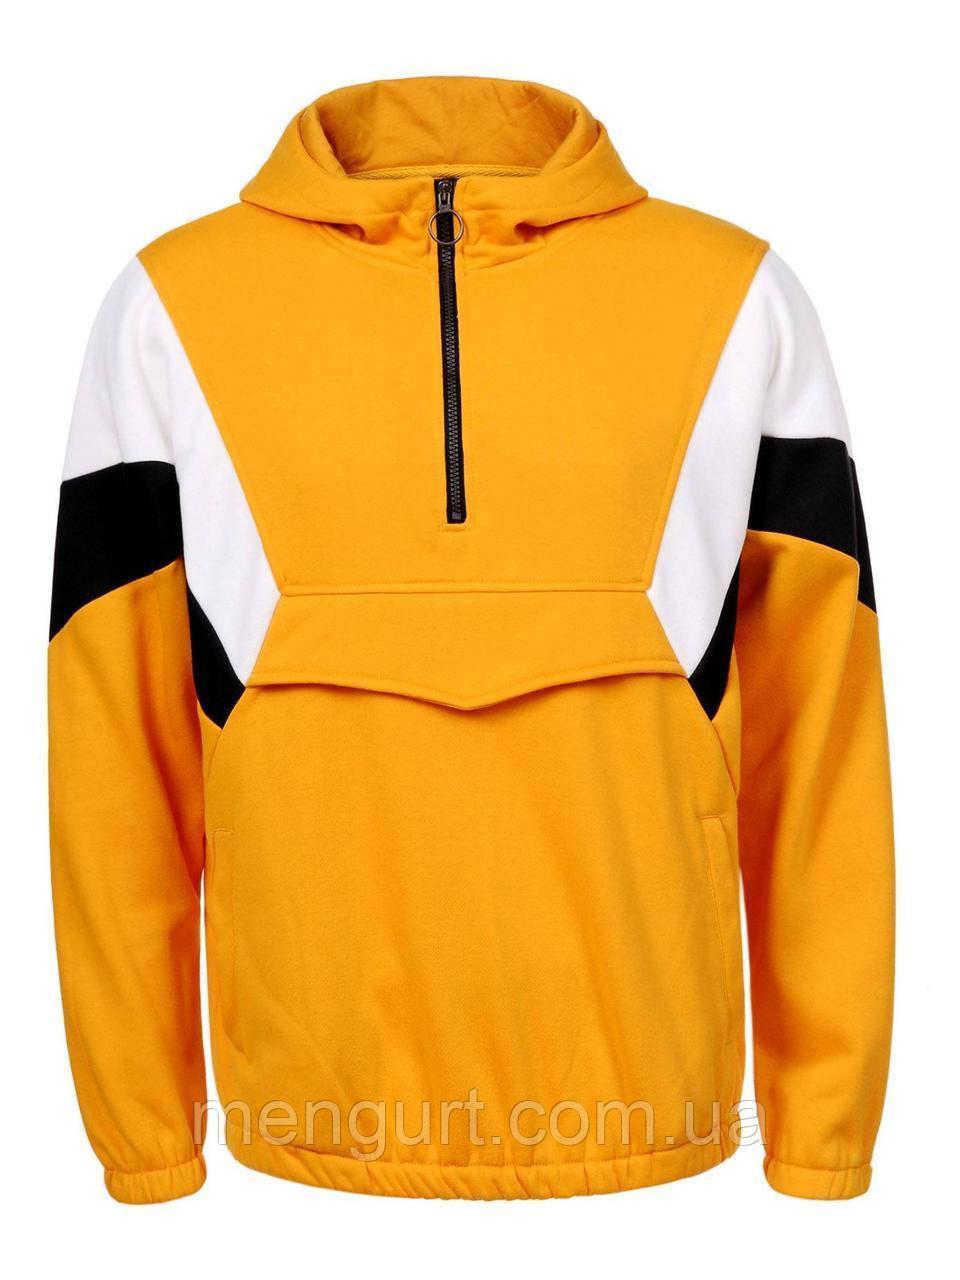 Худи (спортивная кофта) мужская  с накладным карманом спереди